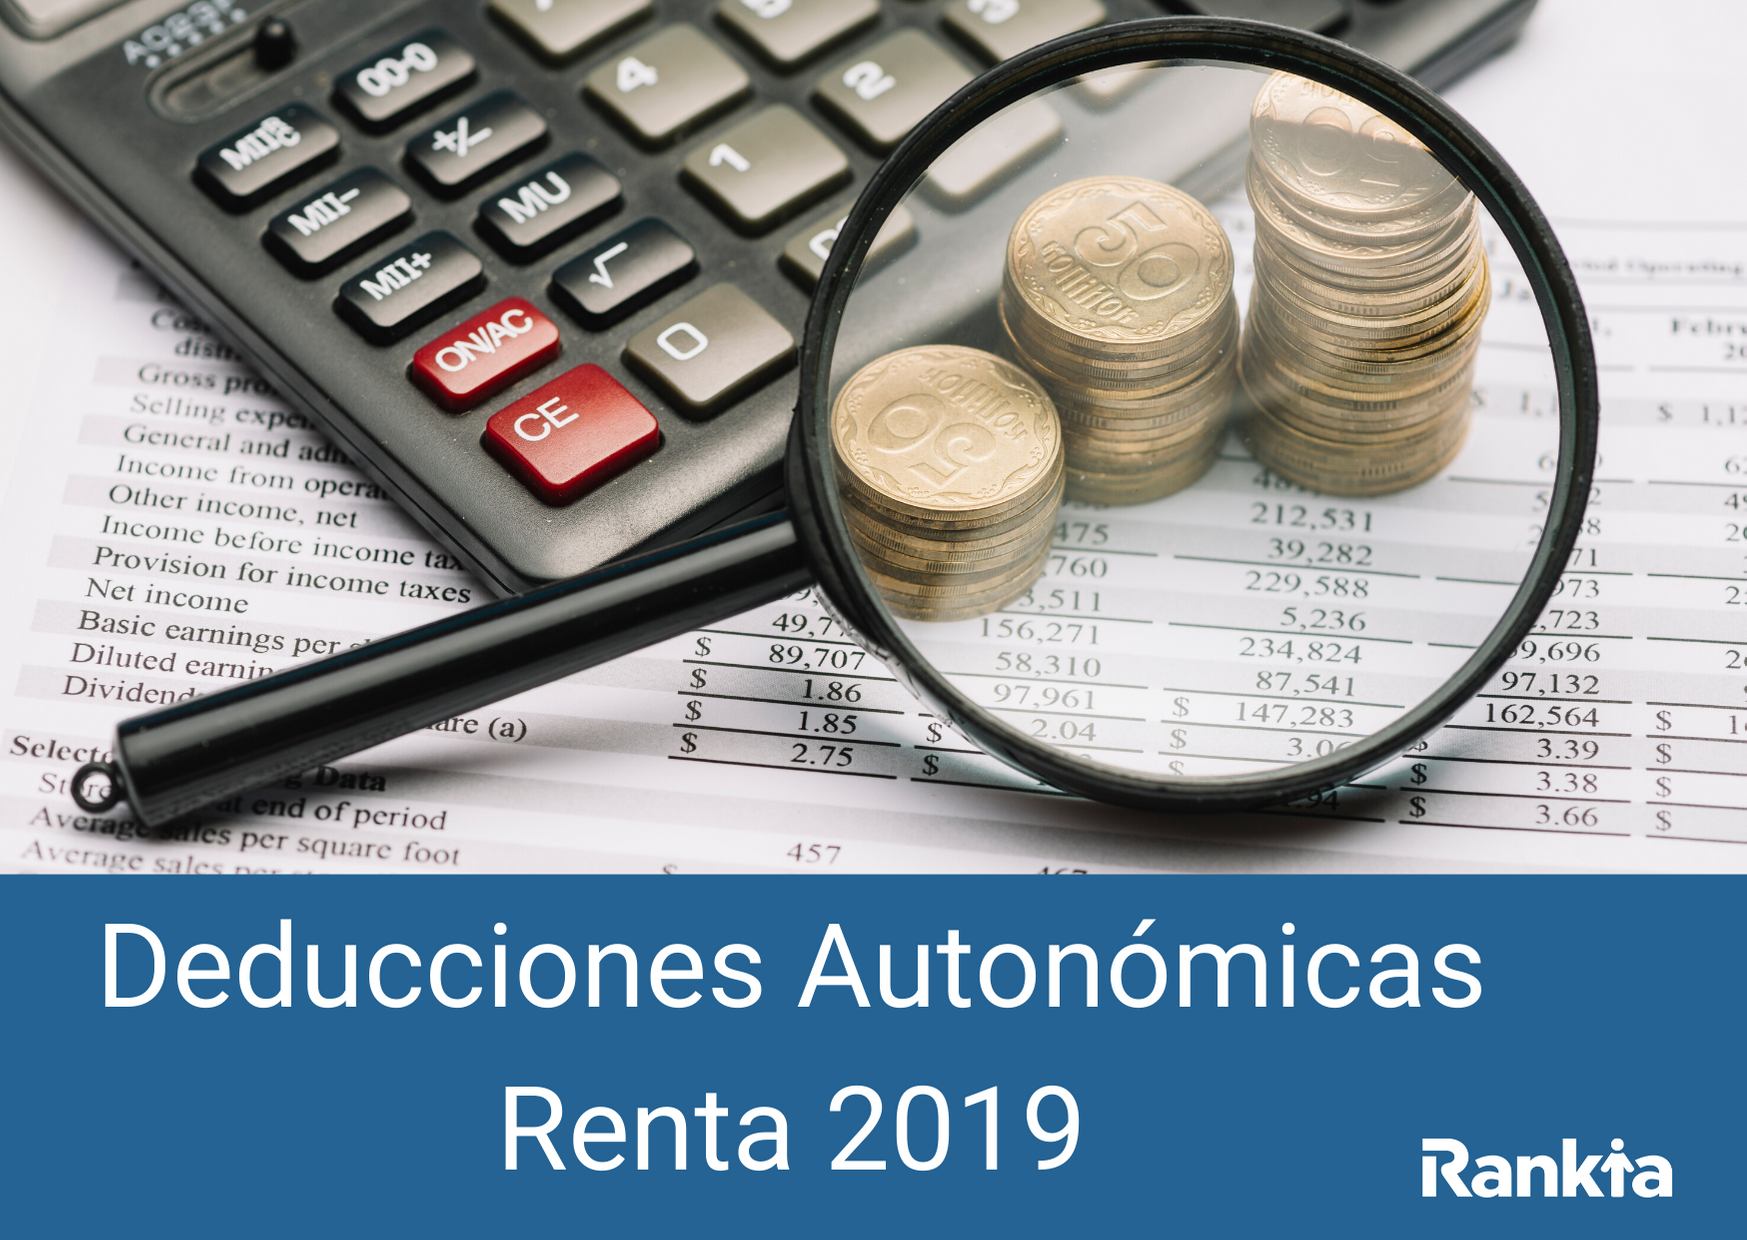 Deducciones Autonómicas Renta 2019